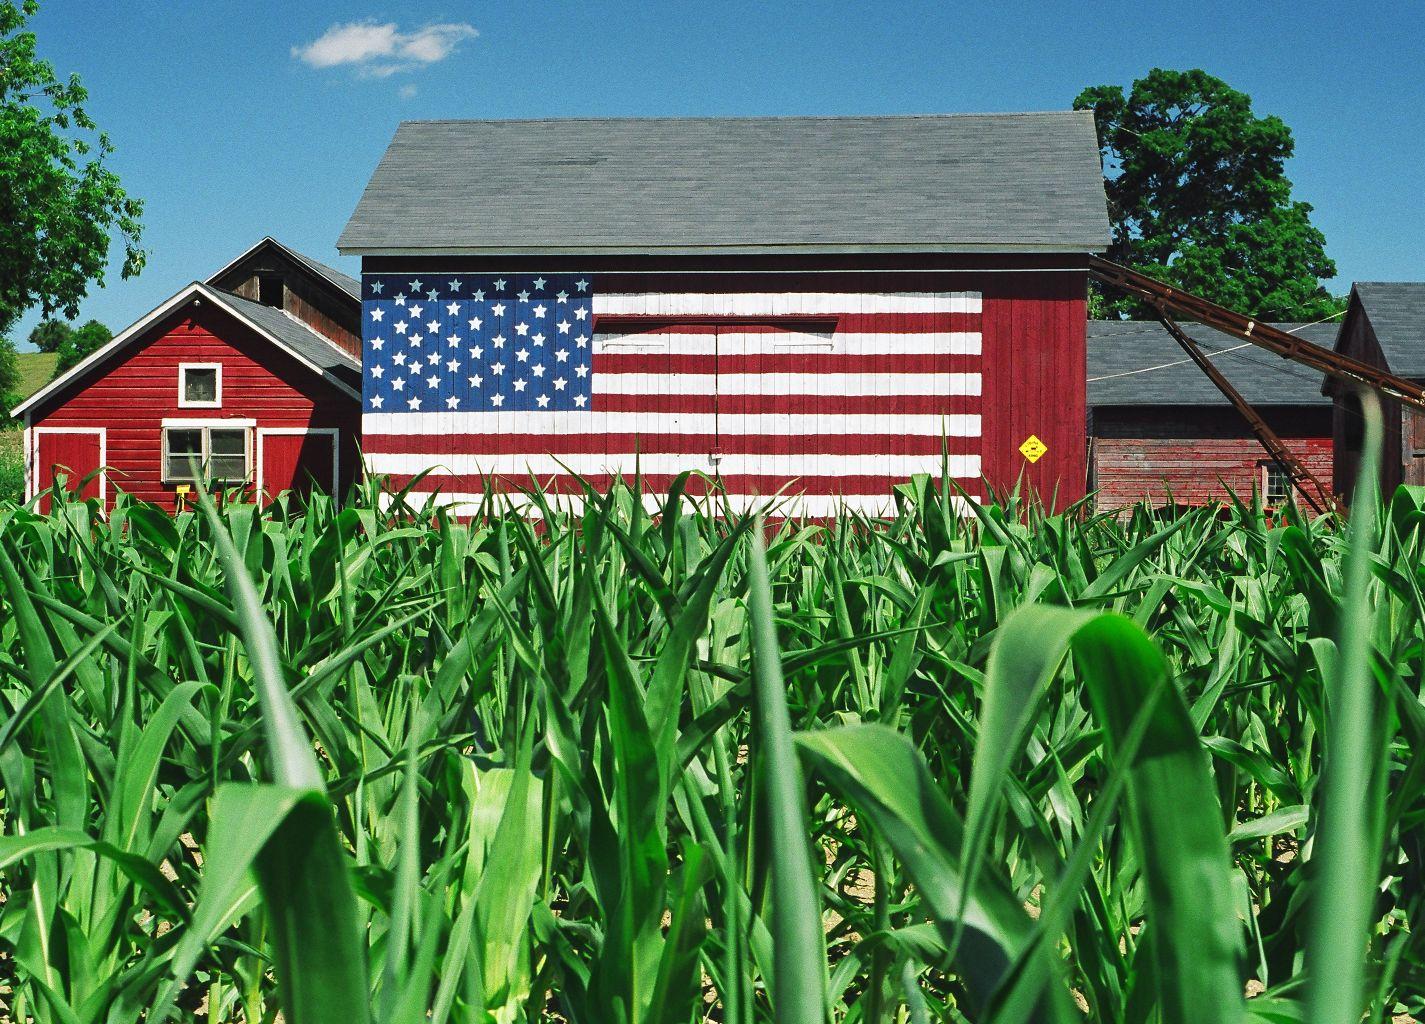 Flag Barn - Stanfordville, NY